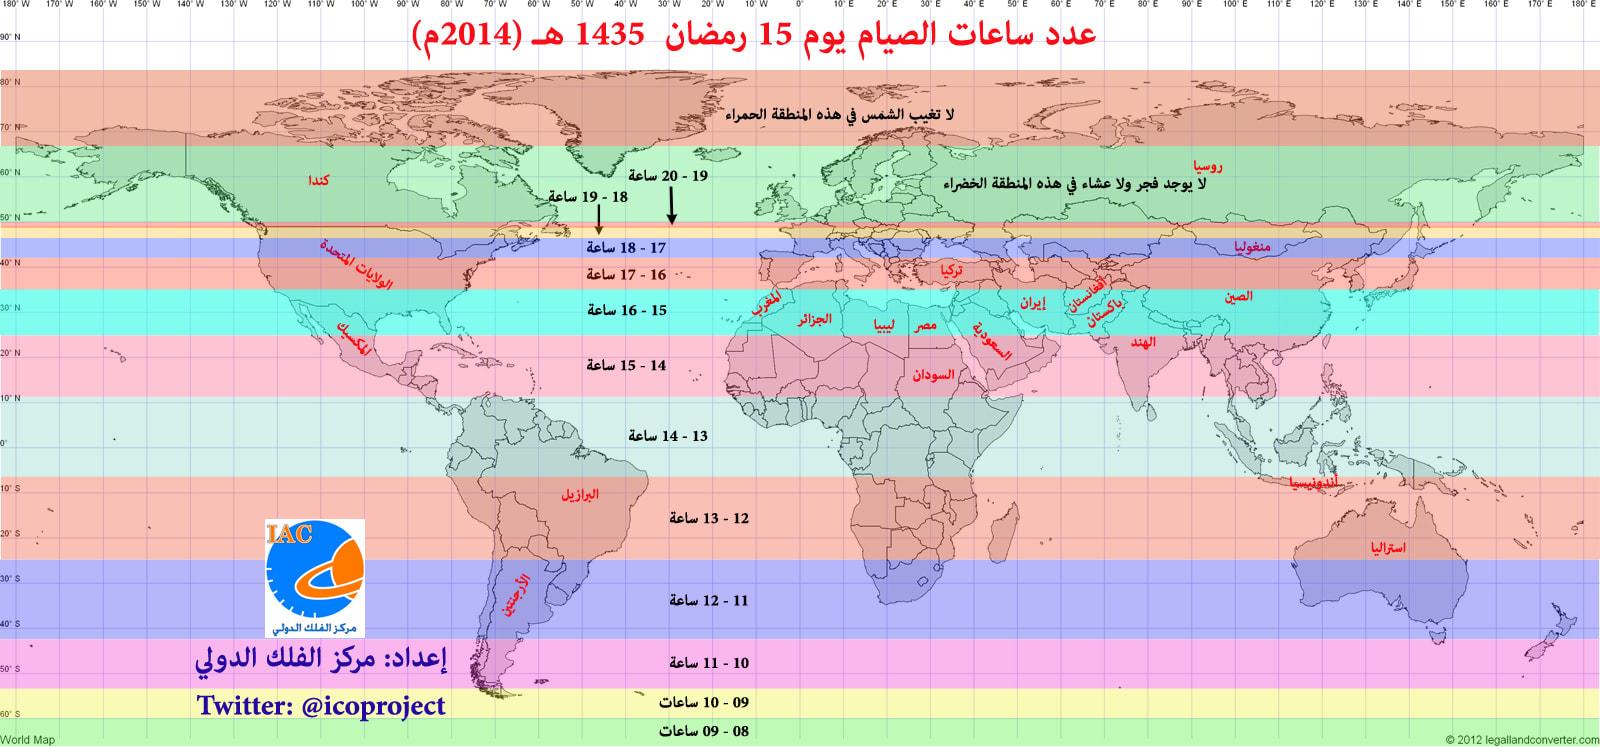 خريطة ساعات الصوم 14 باليمن وجنوب السعودية 15 بالخليج و 16 في بلاد الشام